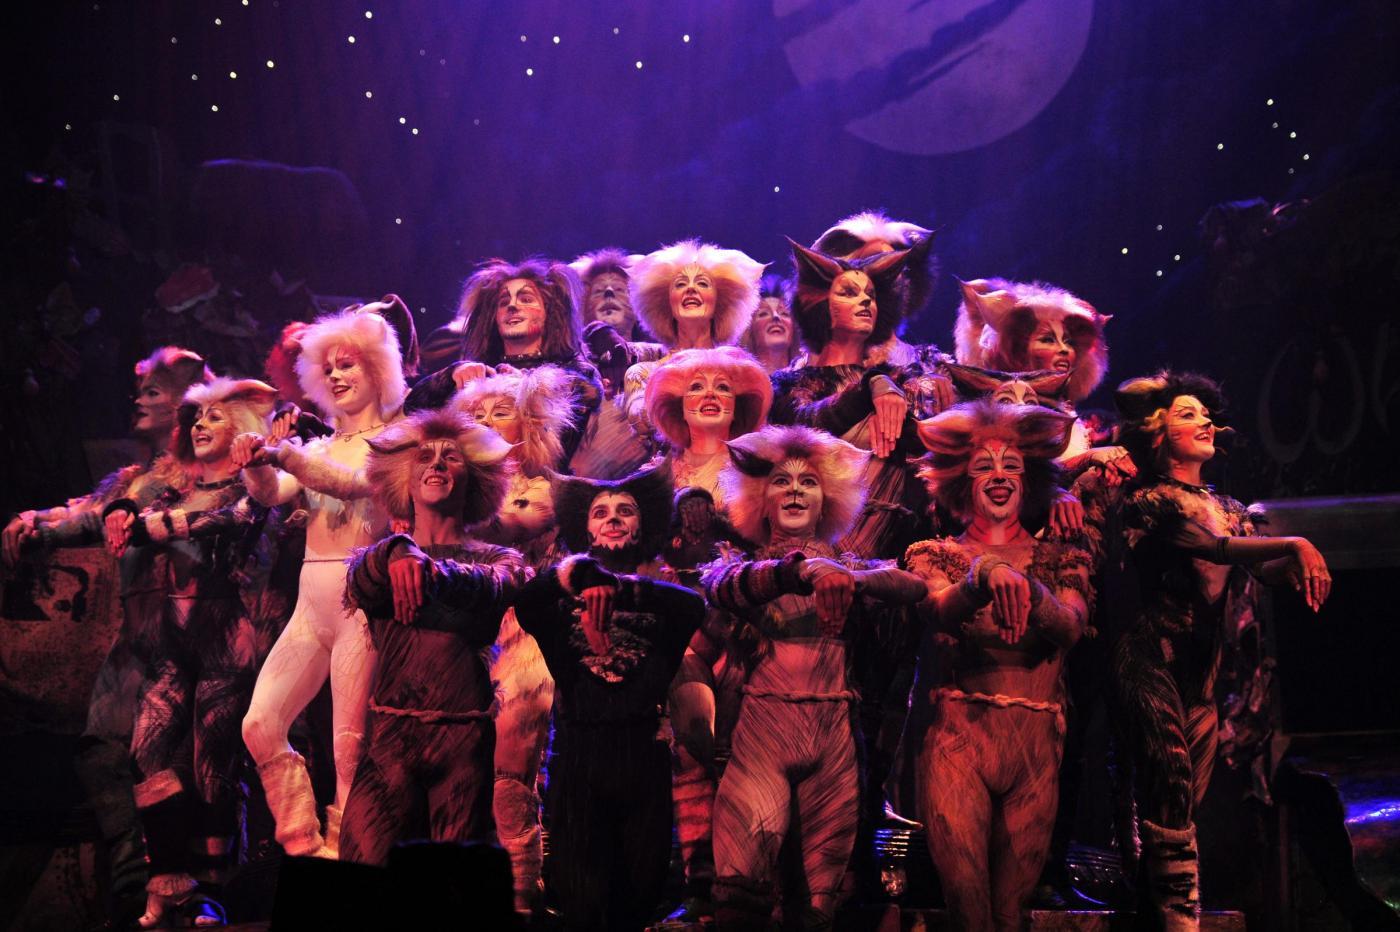 Cats il musical, dopo Milano il tour 2016 fa tappa a Bari: trama di un'opera leggendaria